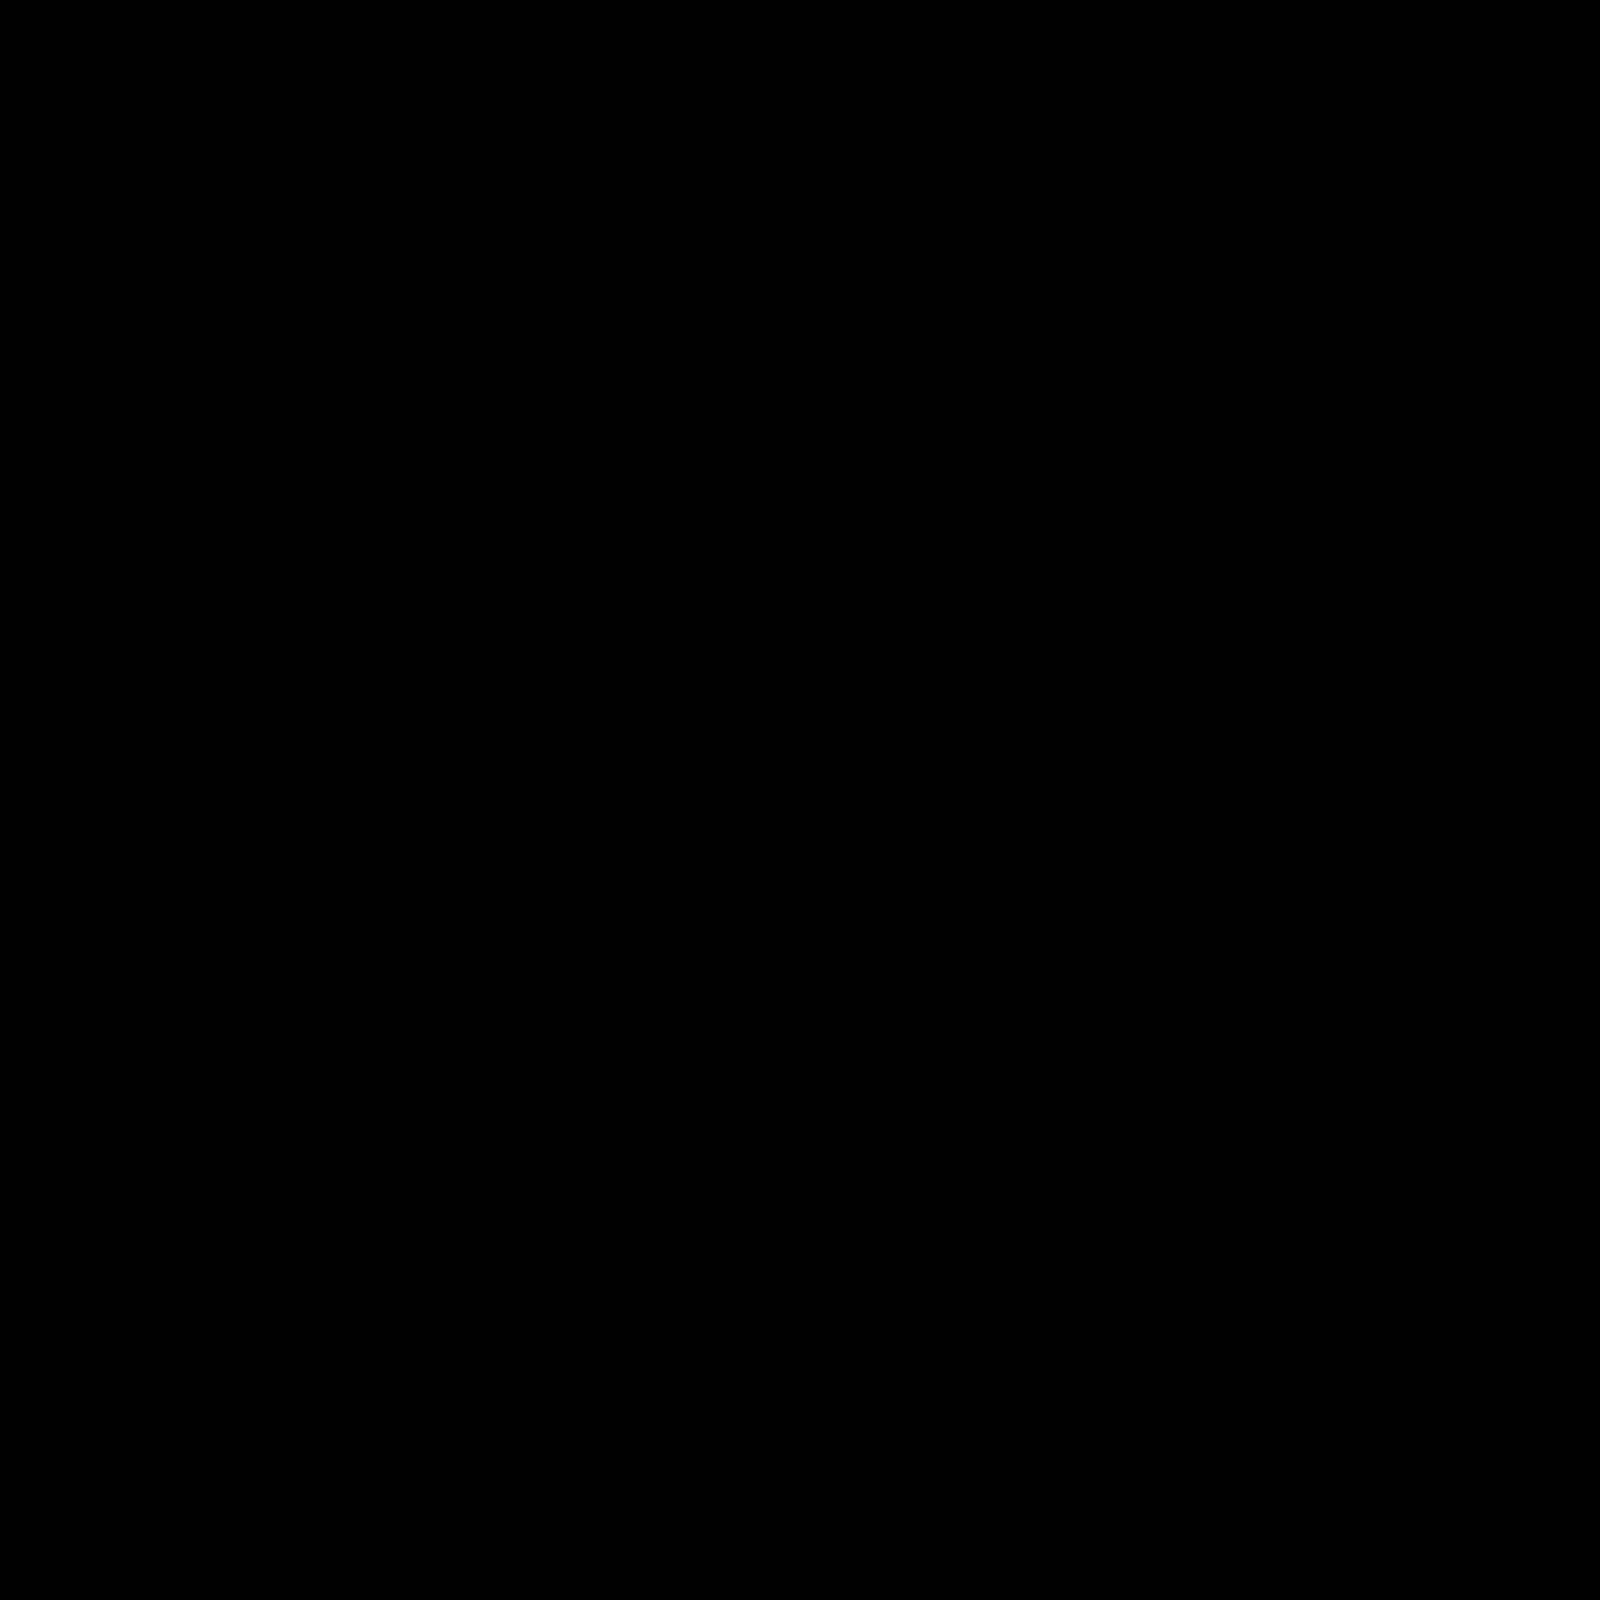 Trikorder icon